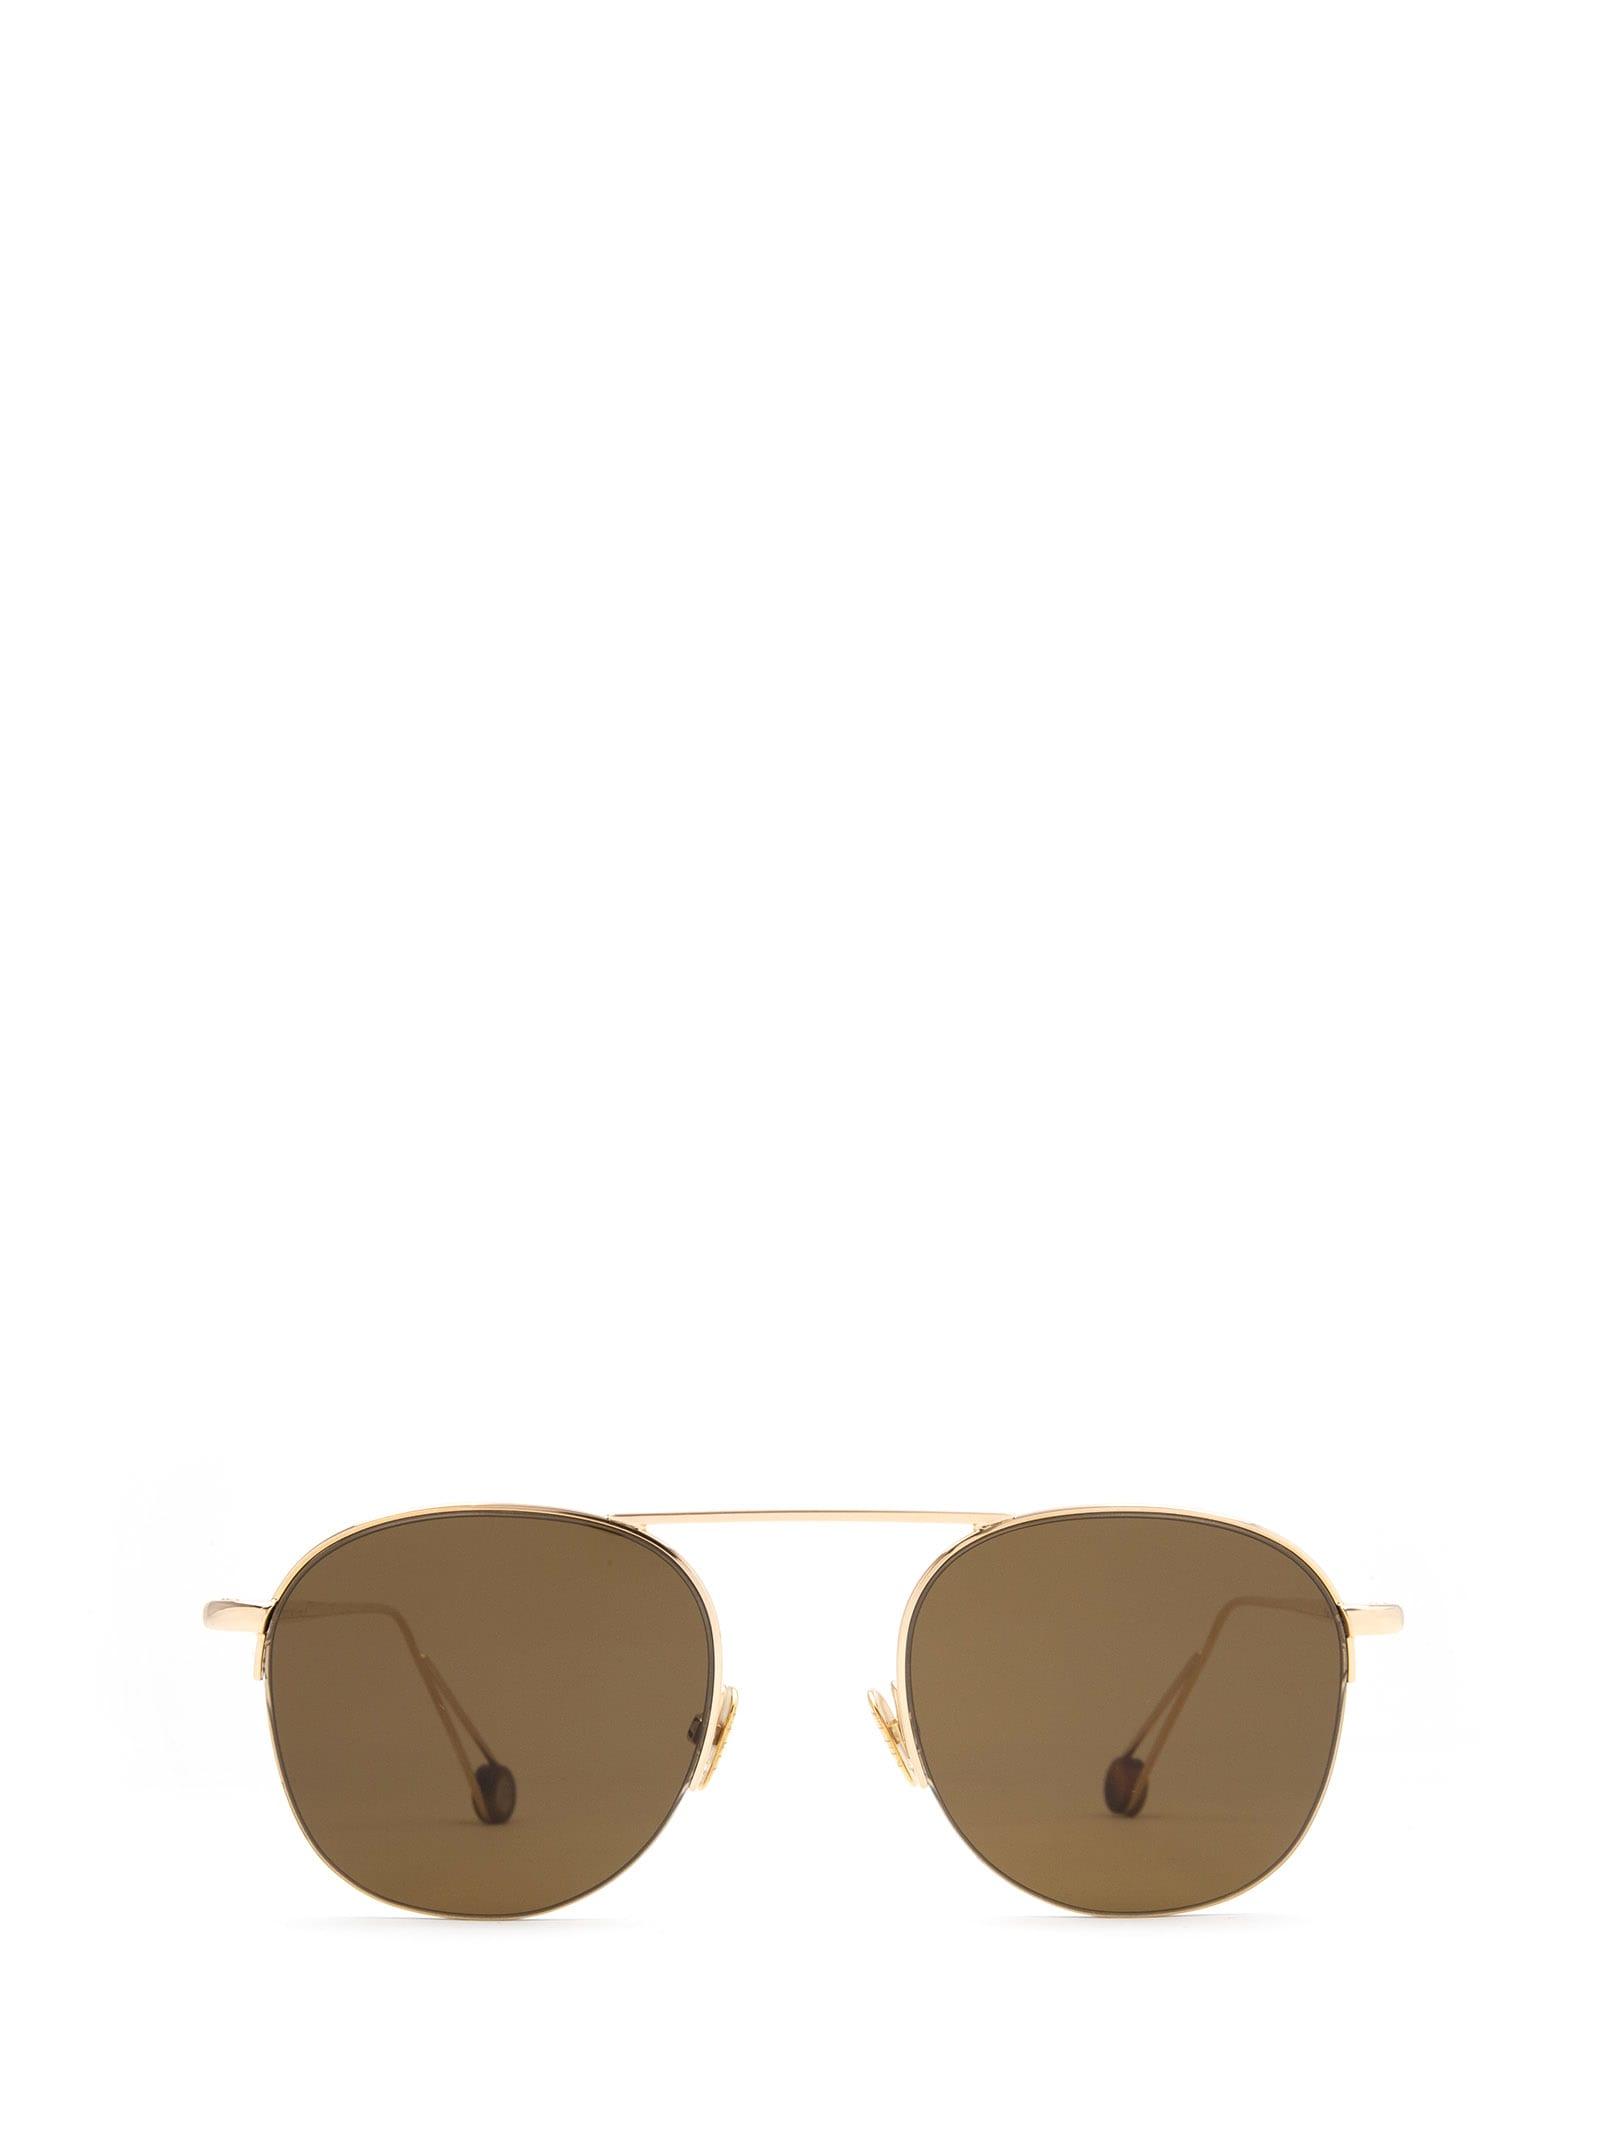 AHLEM Ahlem Place Voltaire Champagne Sunglasses